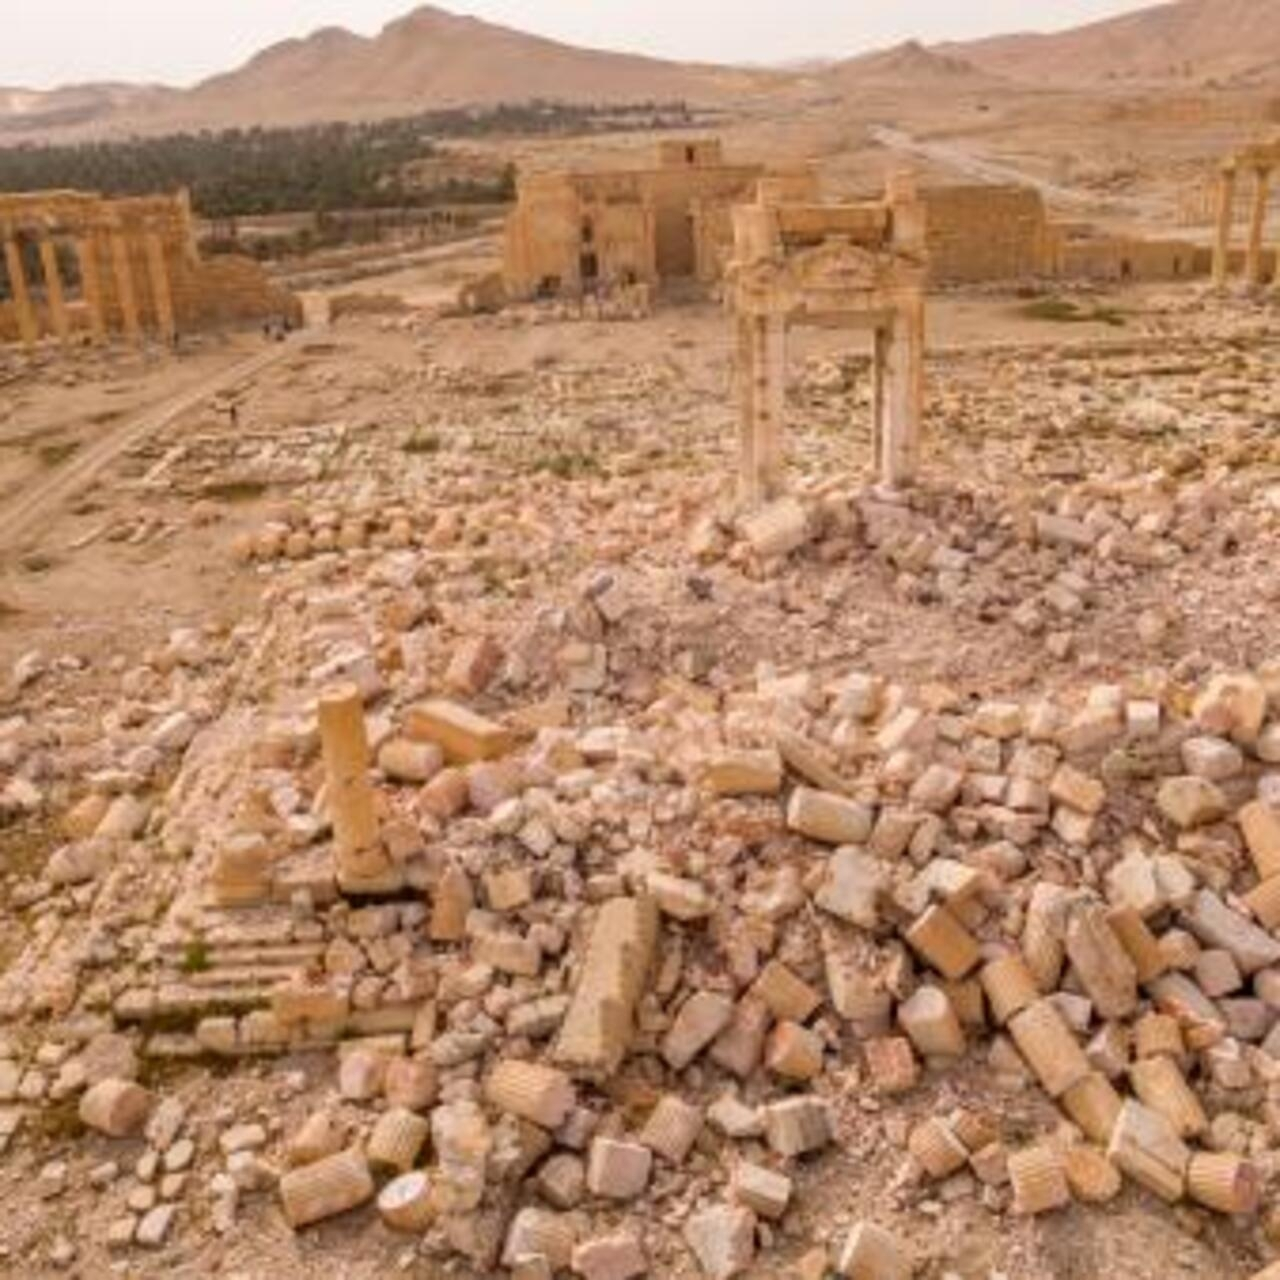 Con Imágenes 3d Renacen Los Sitios Arqueológicos Destruidos En Siria E Irak Carrusel De Las Artes